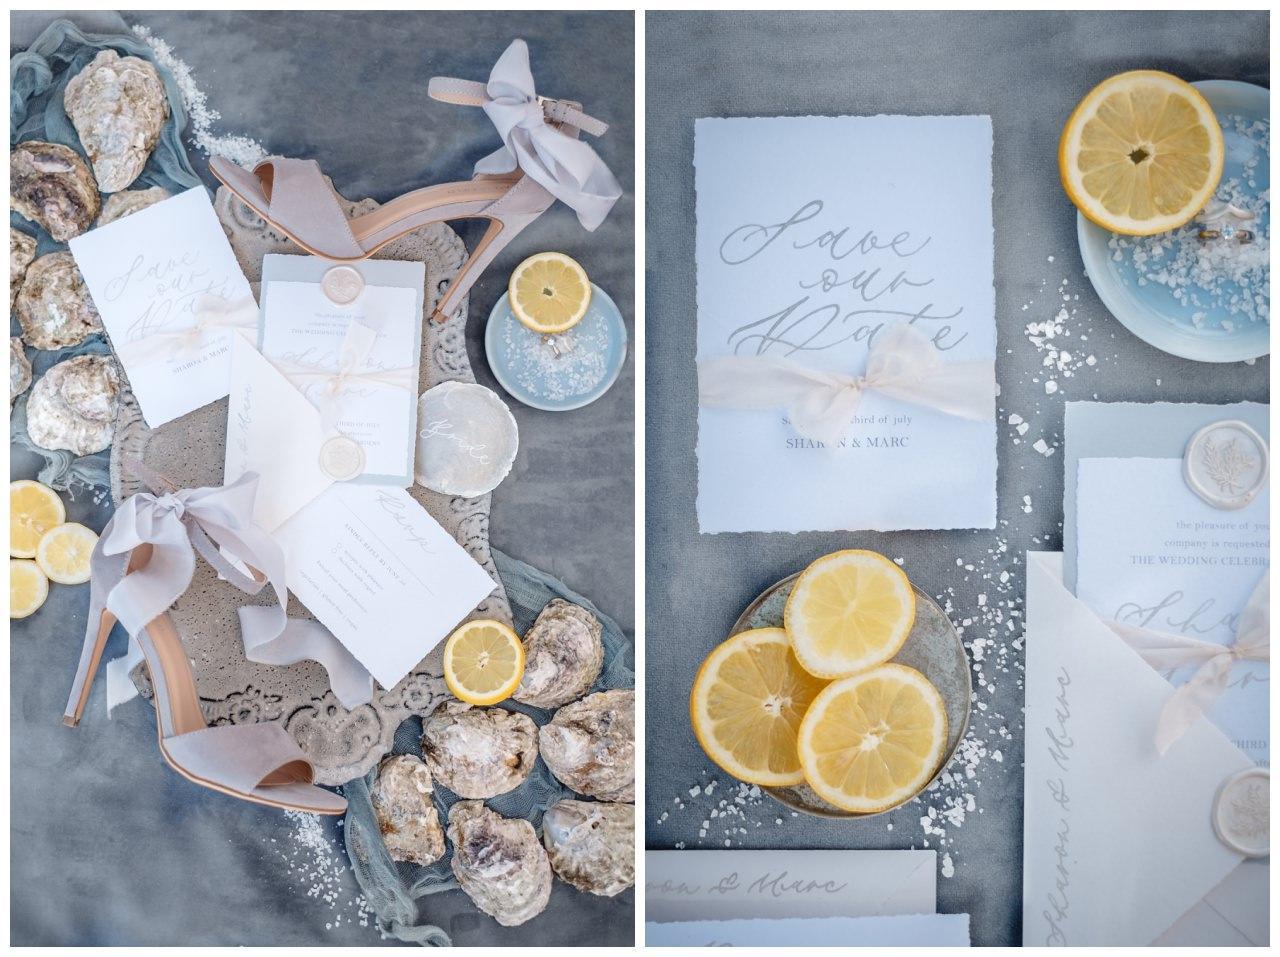 Hochzeit Strand Kroatien Hochzetsplanung Hochzeitsplaner Fotograf 3 - Kleine Hochzeit am Strand